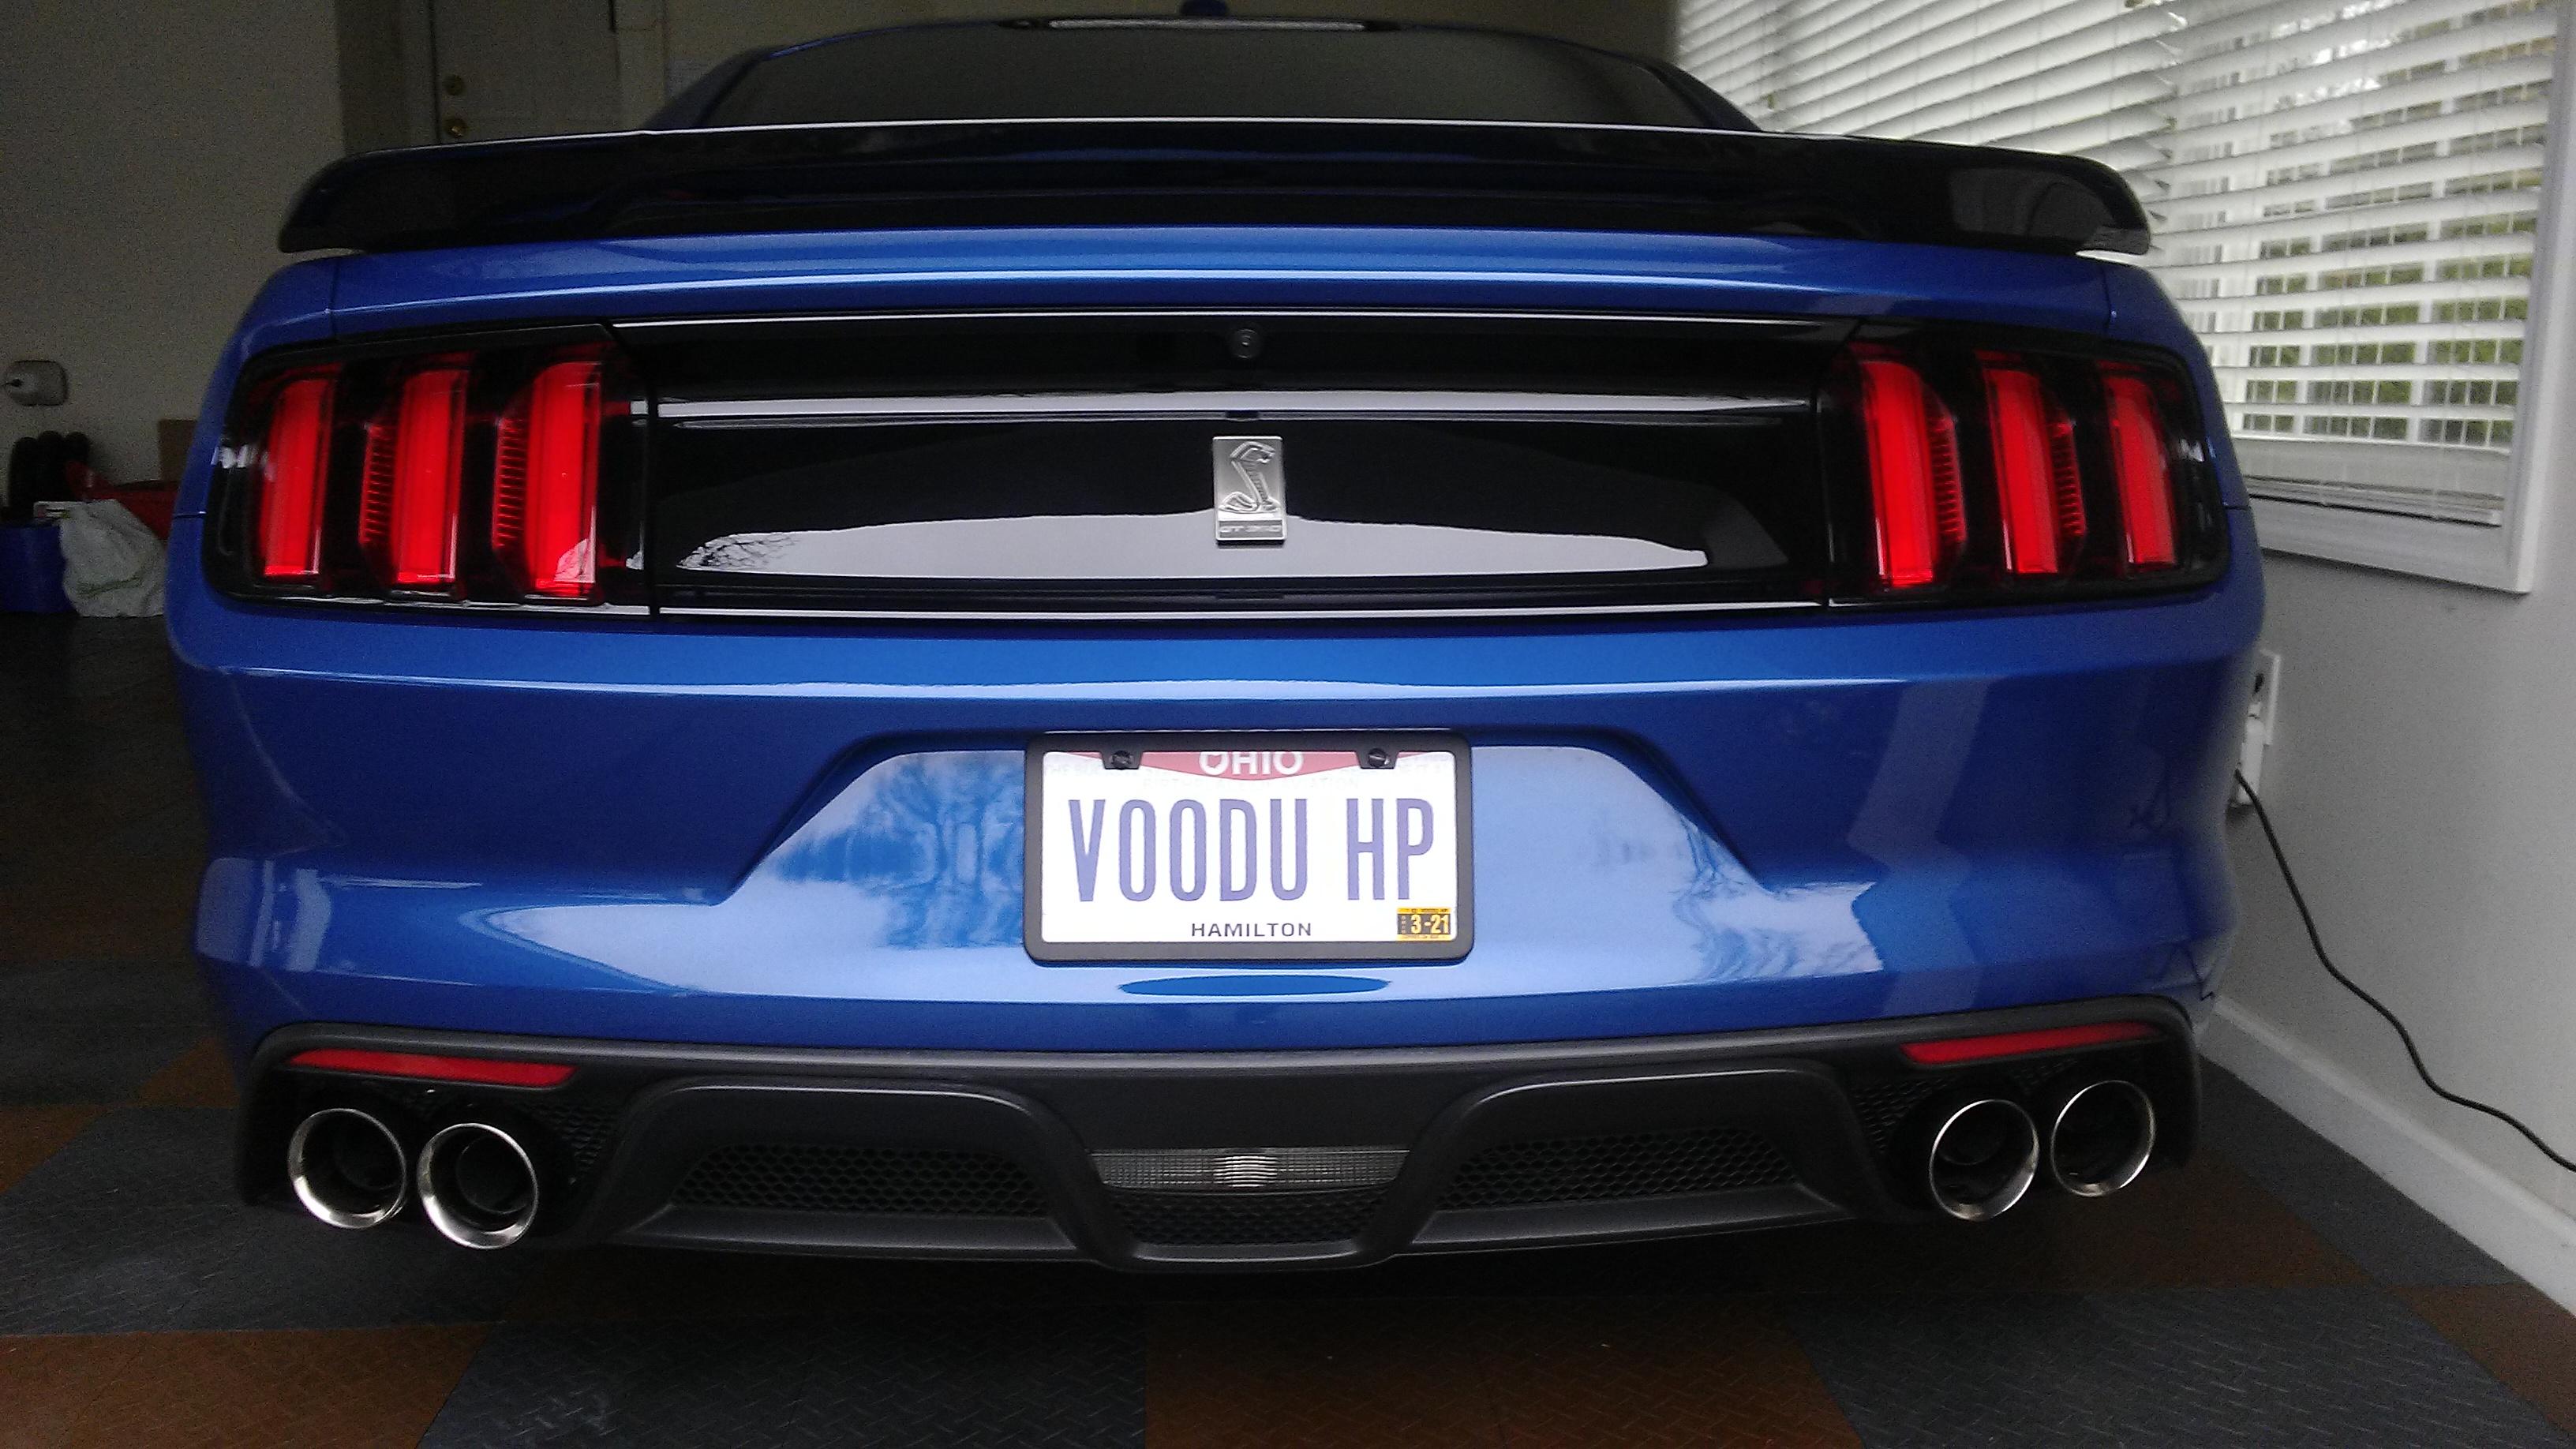 Name:  VOODU HP Plate .jpg Views: 10 Size:  1.78 MB